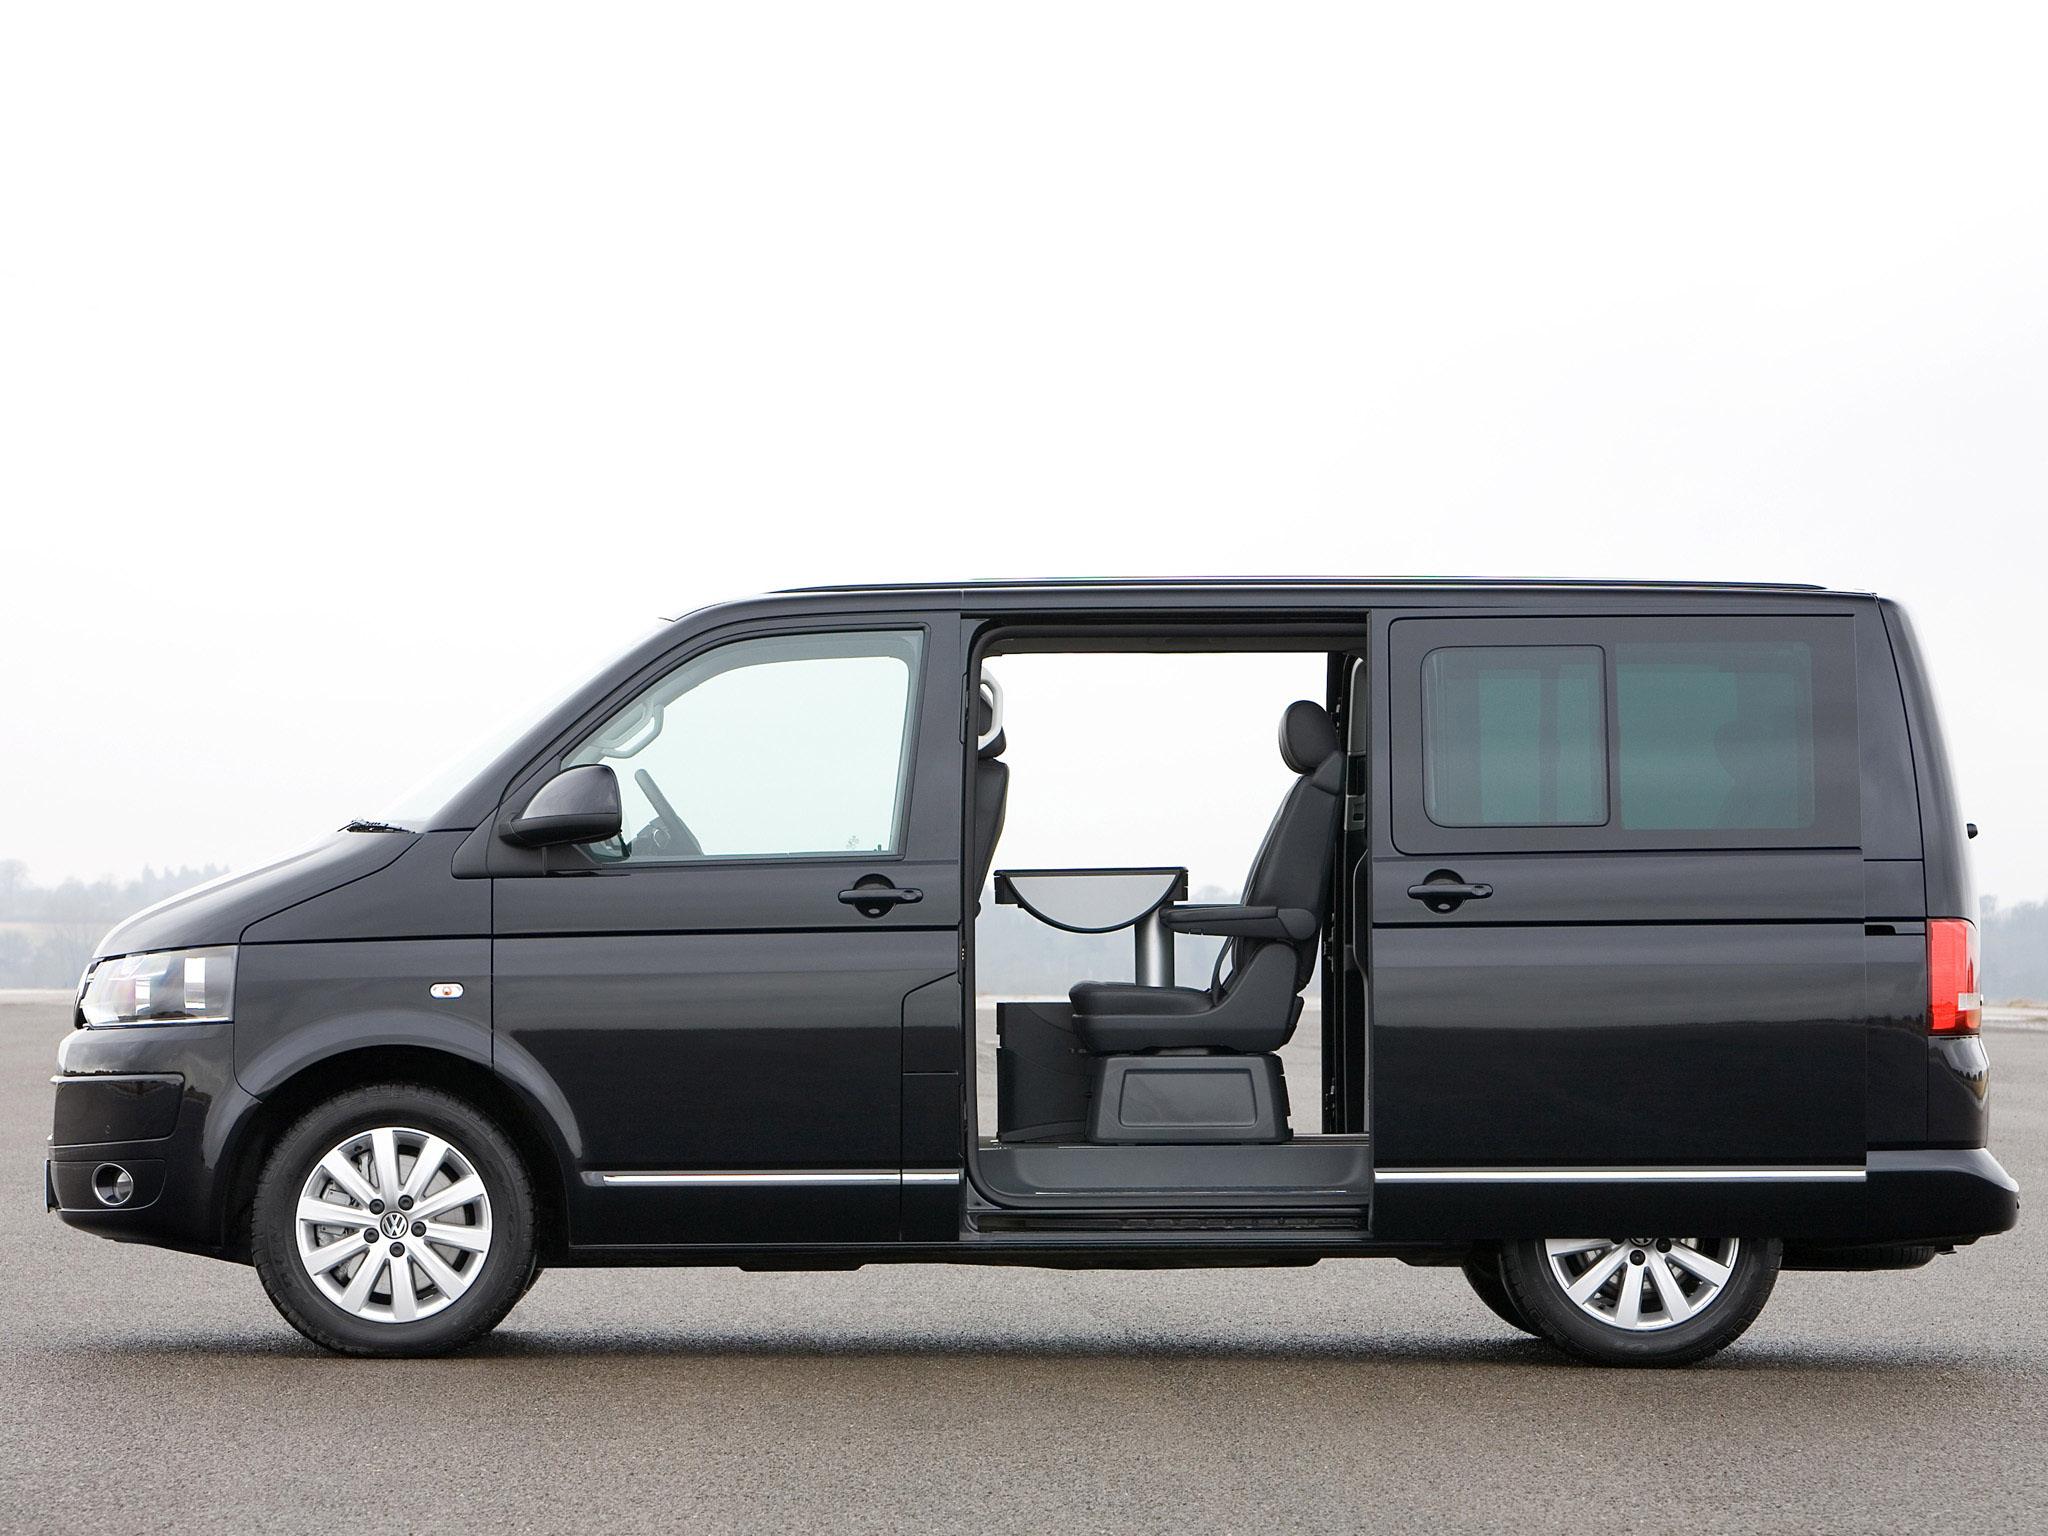 volkswagen t5 caravelle uk 2009 volkswagen t5 caravelle uk. Black Bedroom Furniture Sets. Home Design Ideas